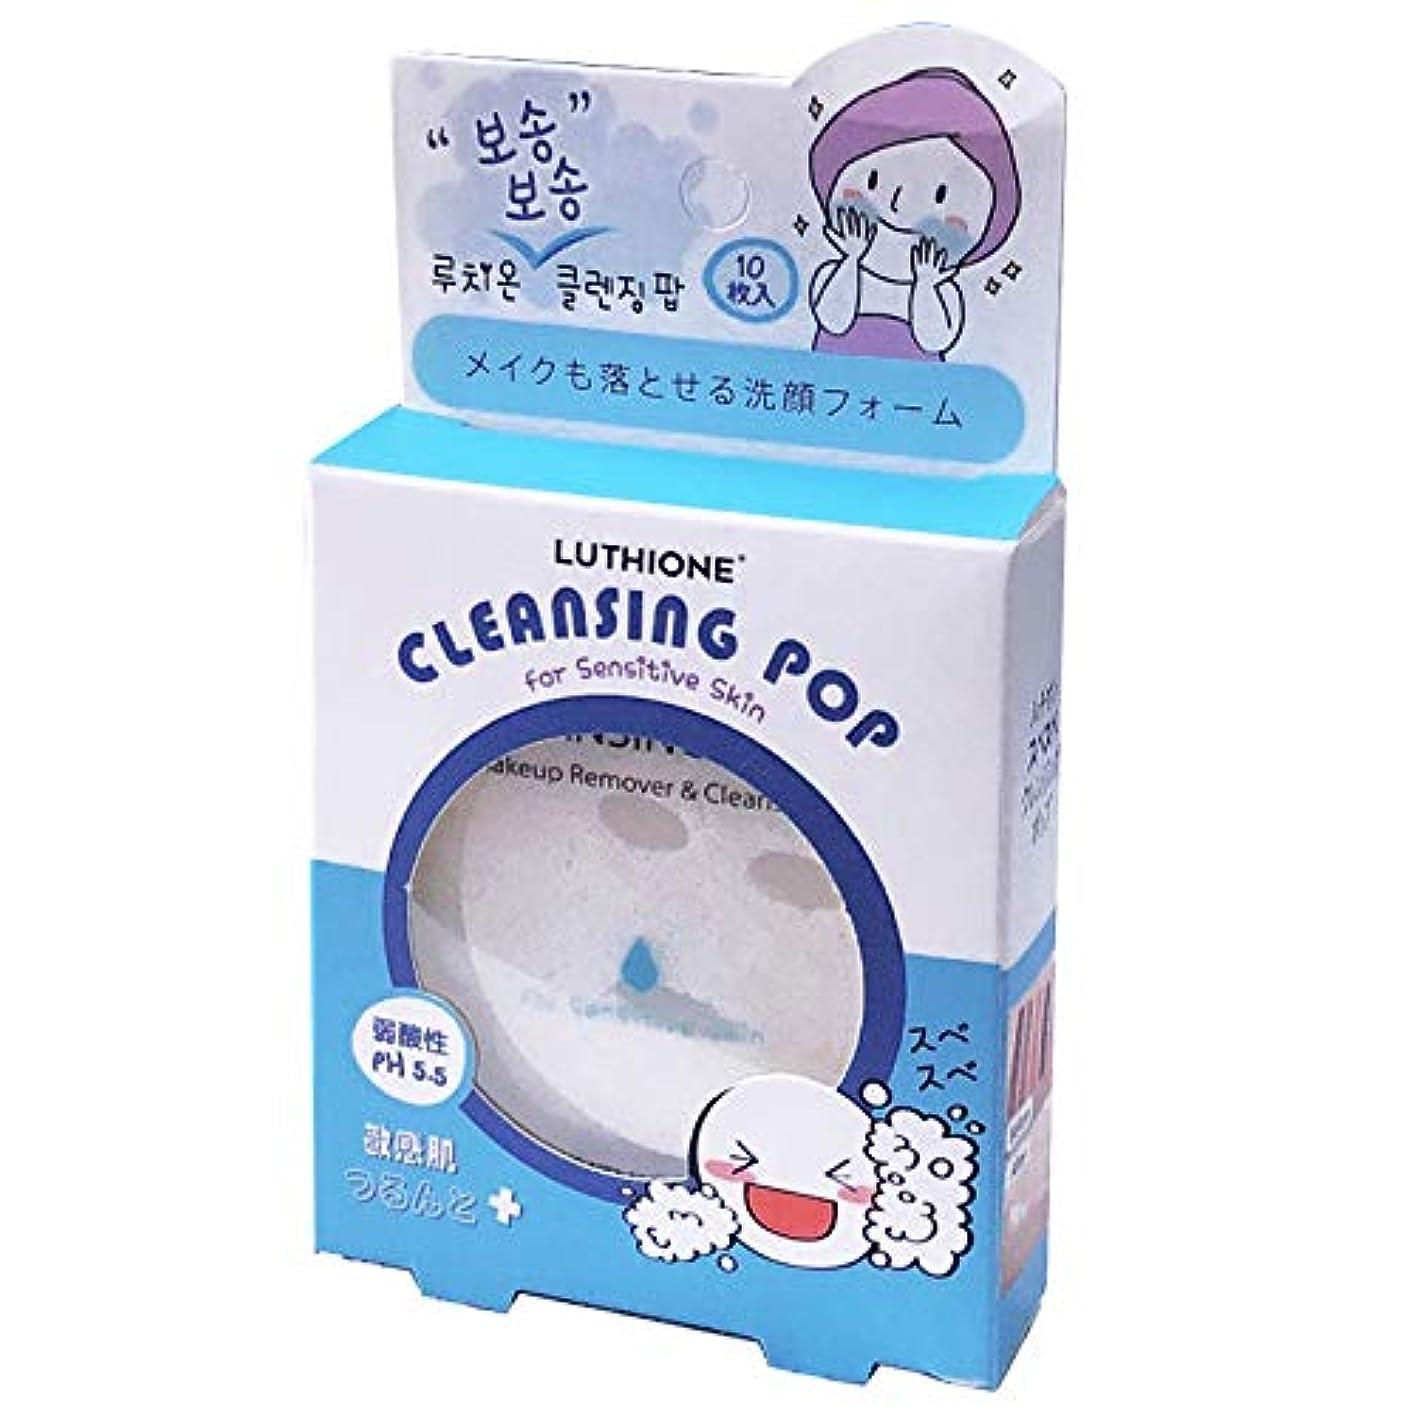 テロリストより良い年【まとめ買い】ルチオン クレンジングポップ (LUTHIONE CLEANSING POP) 敏感肌 10枚入り ×2個